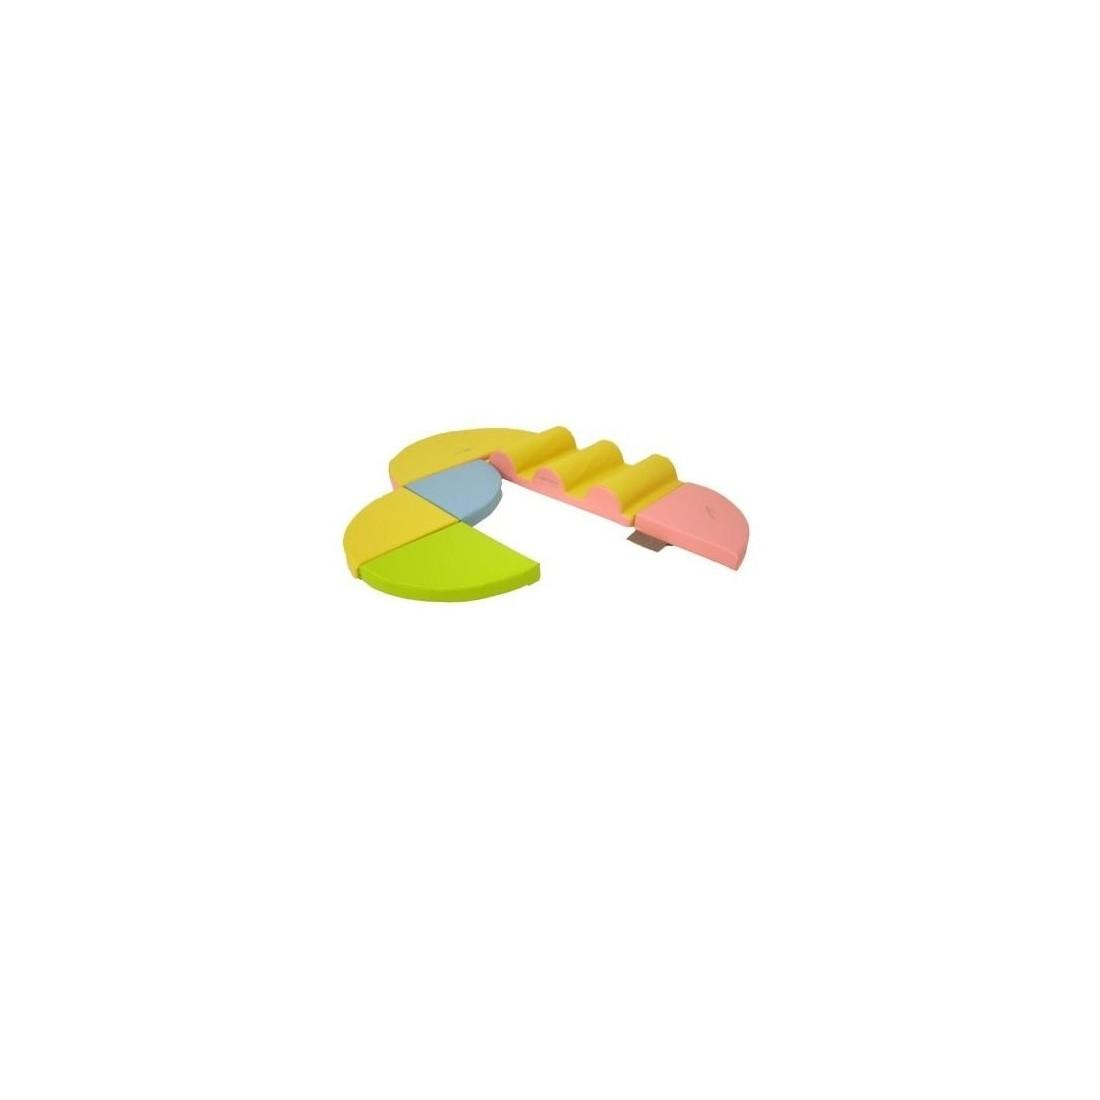 Kit 3 bosses de motricité sarneige. Module kit 3 bosses de motricité à acheter pas cher.